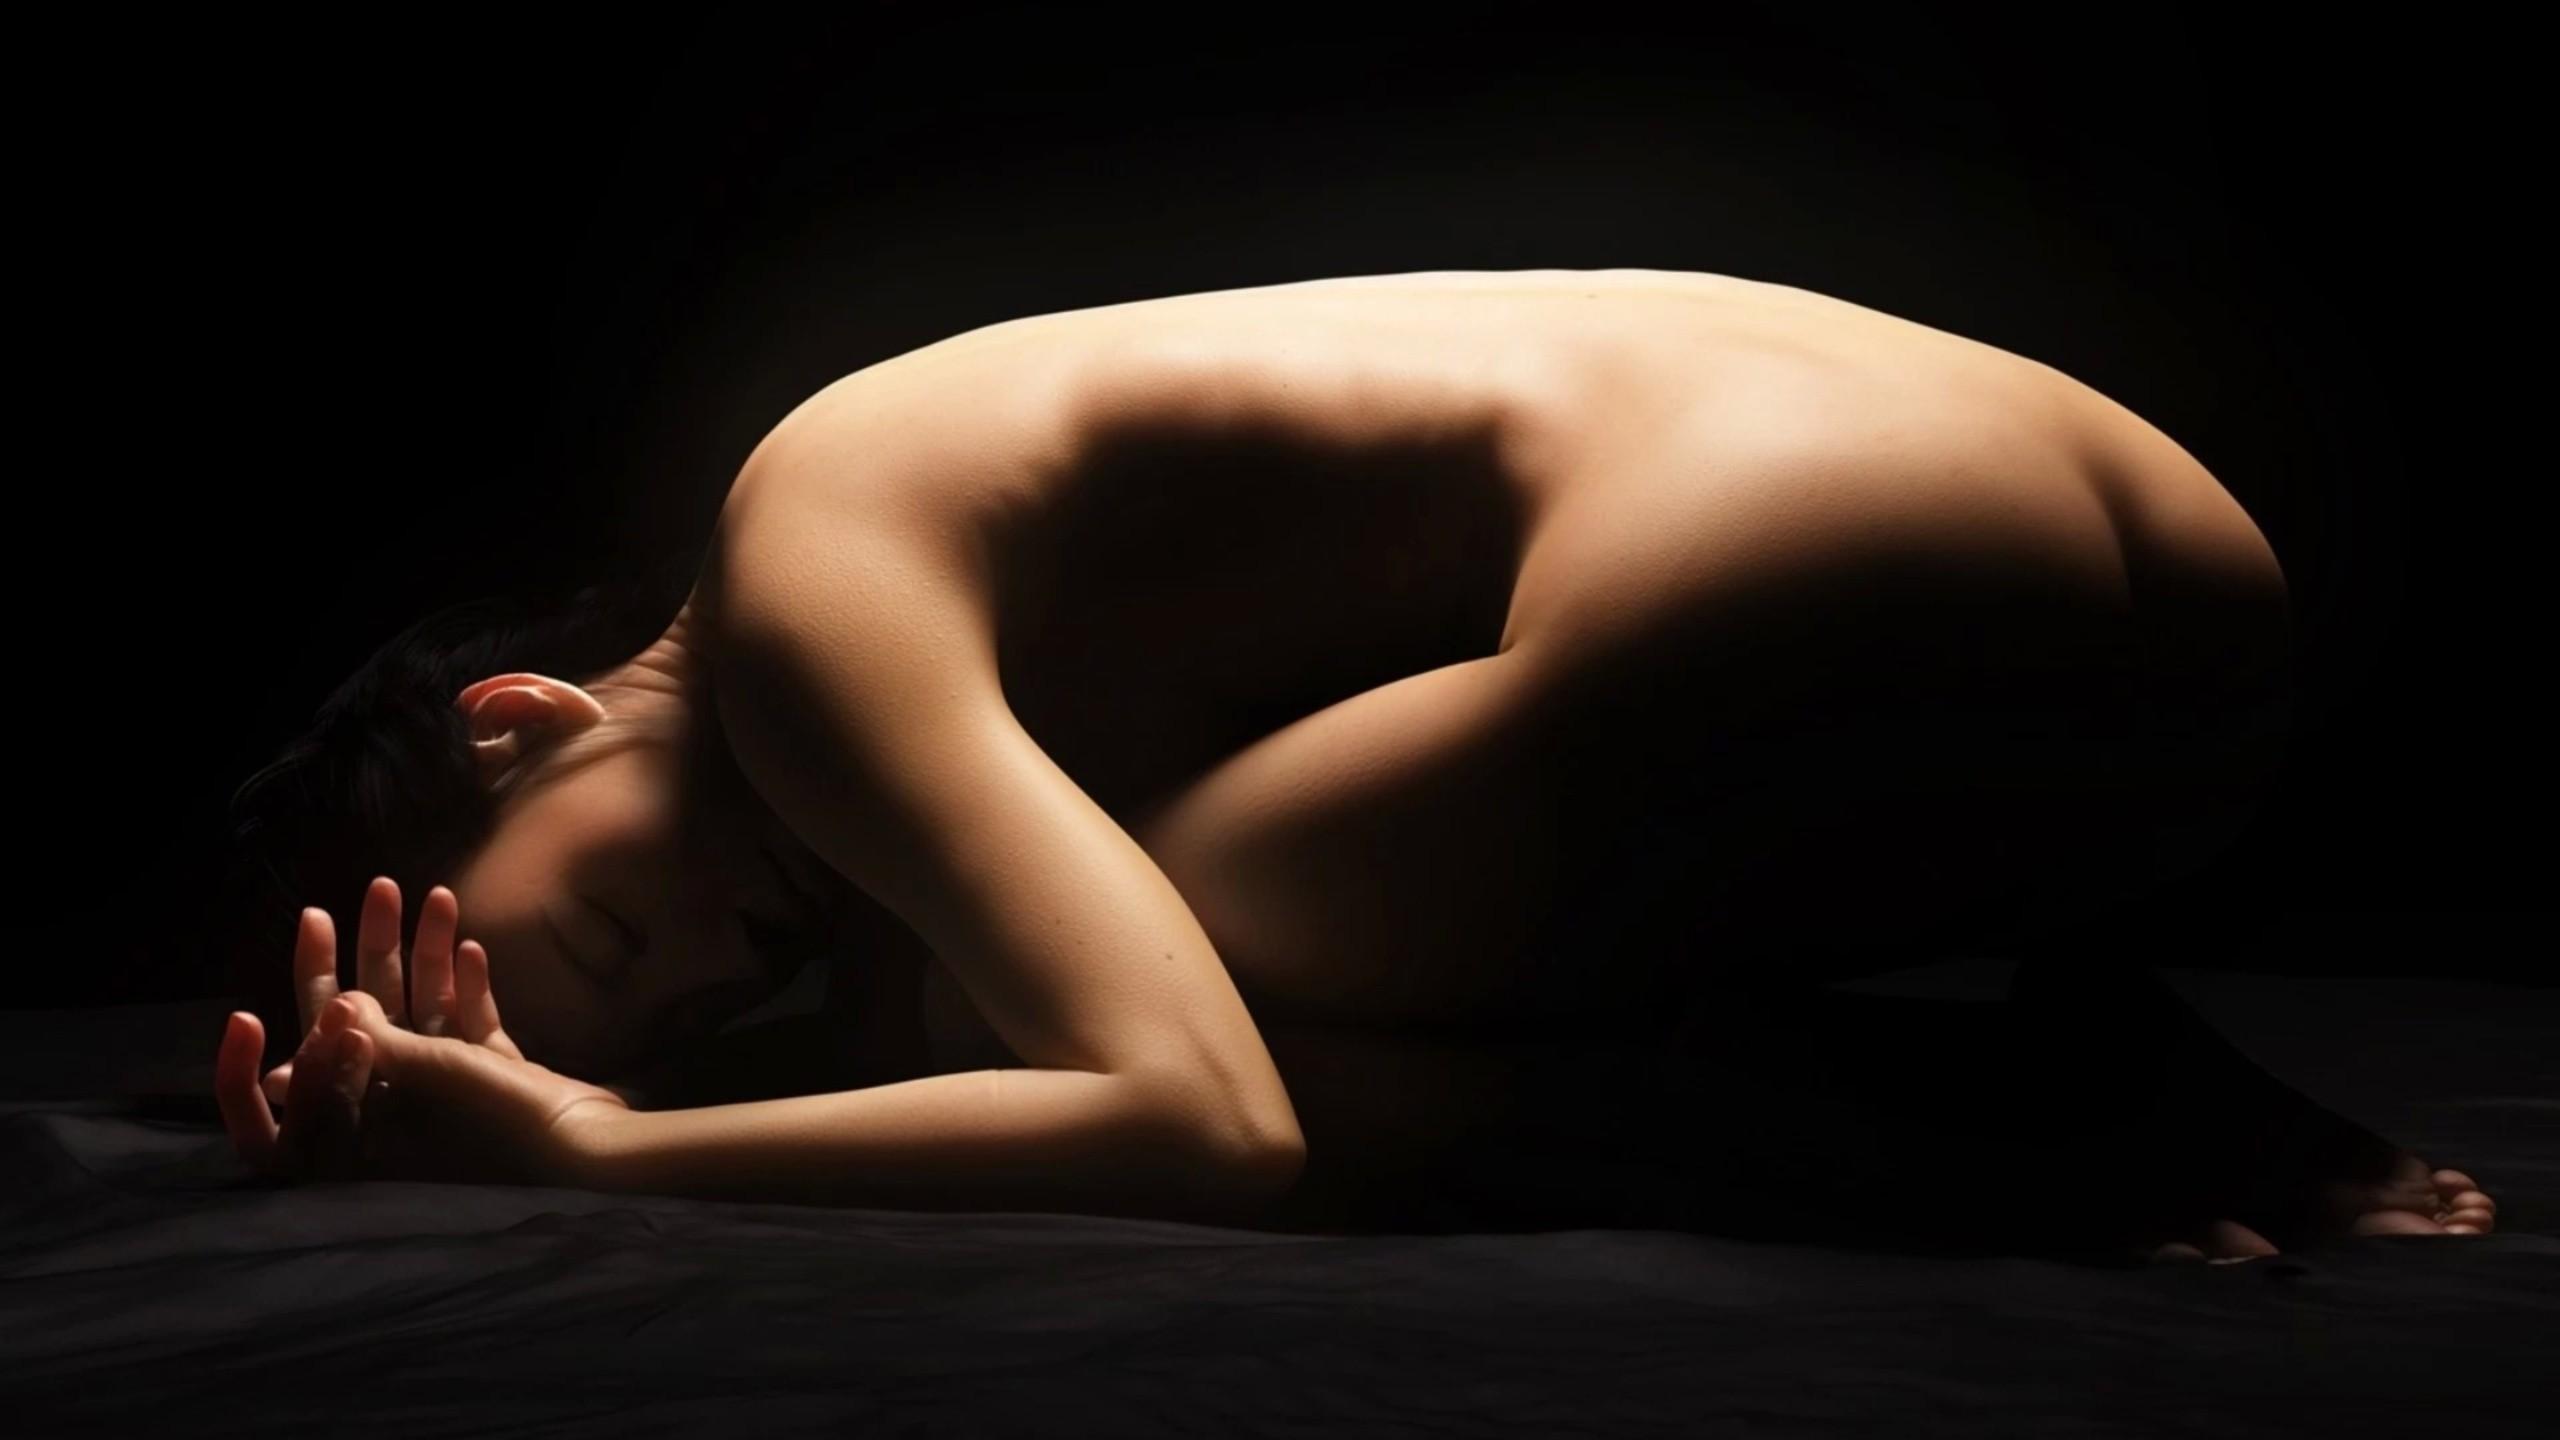 goliy-medosmotr-erotika-onlayn